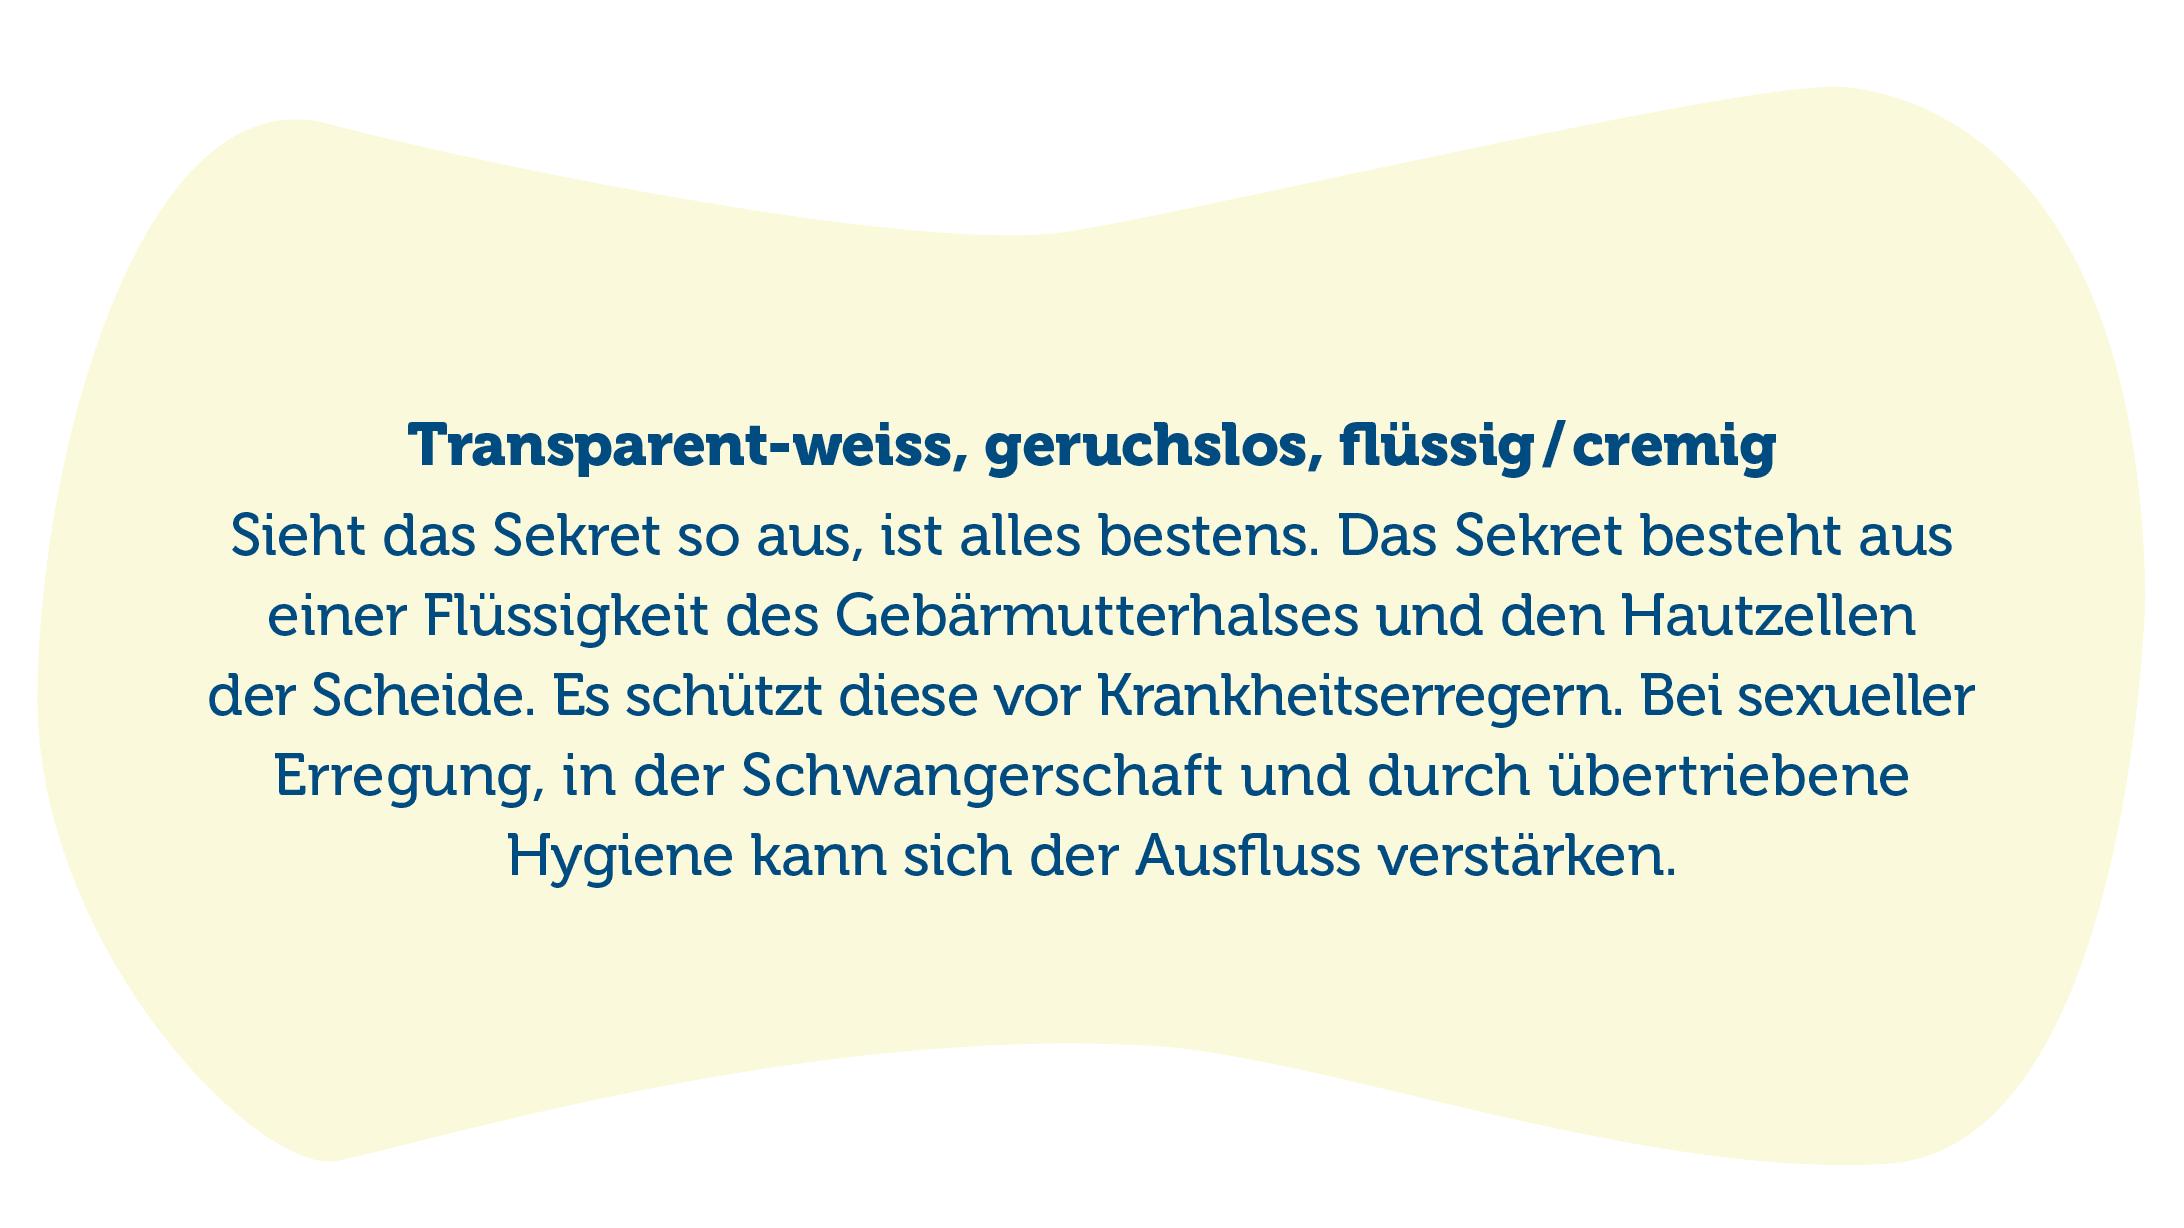 Text zu transparten-weissem und geruchslosen Scheidenausfluss.